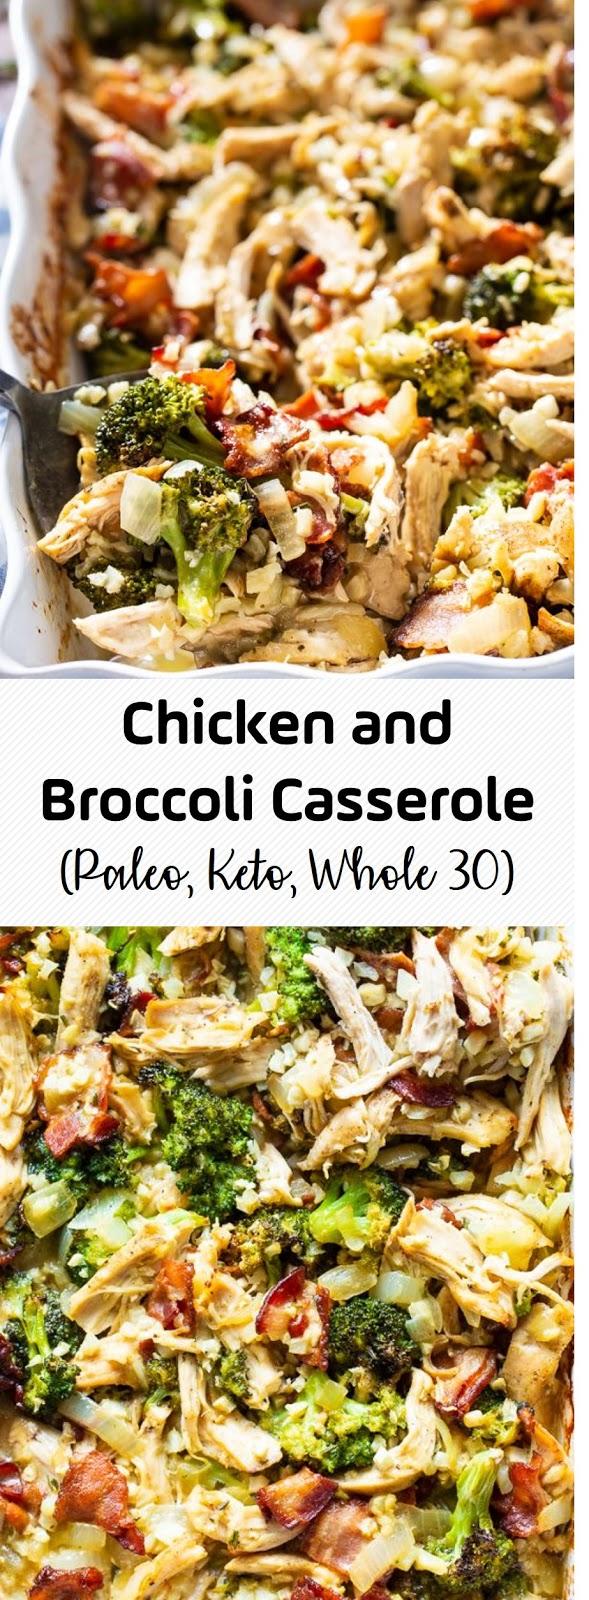 Chicken and Broccoli Casserole (Paleo, Keto, Whole 30)